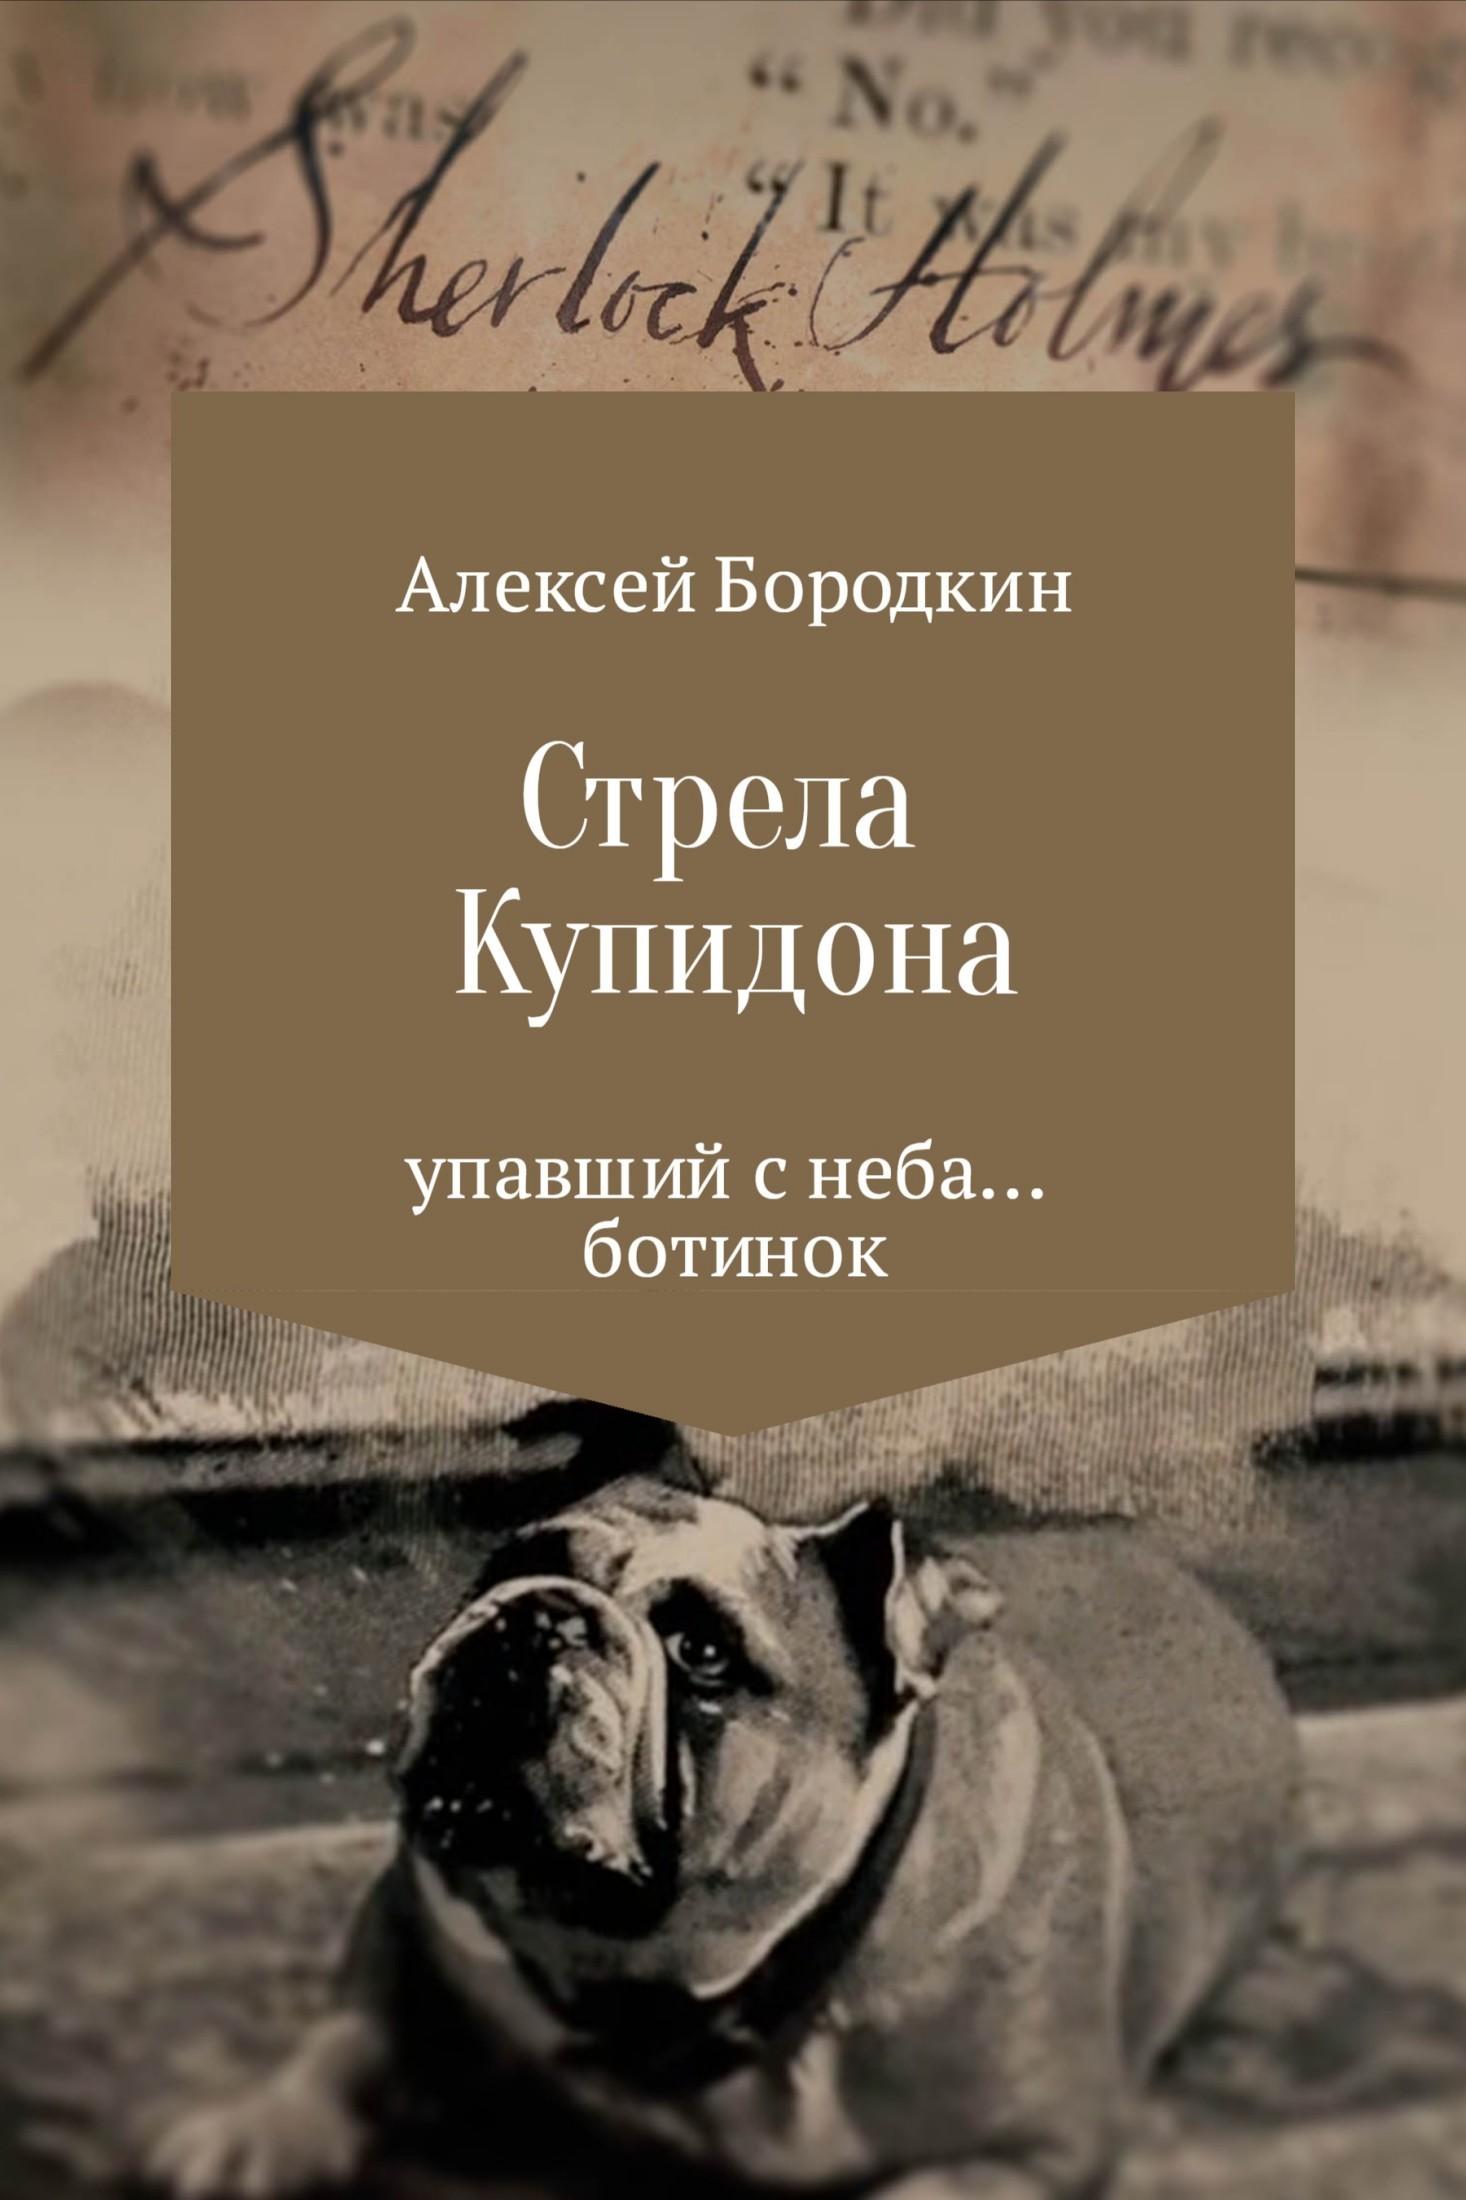 Алексей Петрович Бородкин Стрела Купидона amorem стрела купидона веревочный браслет amorem